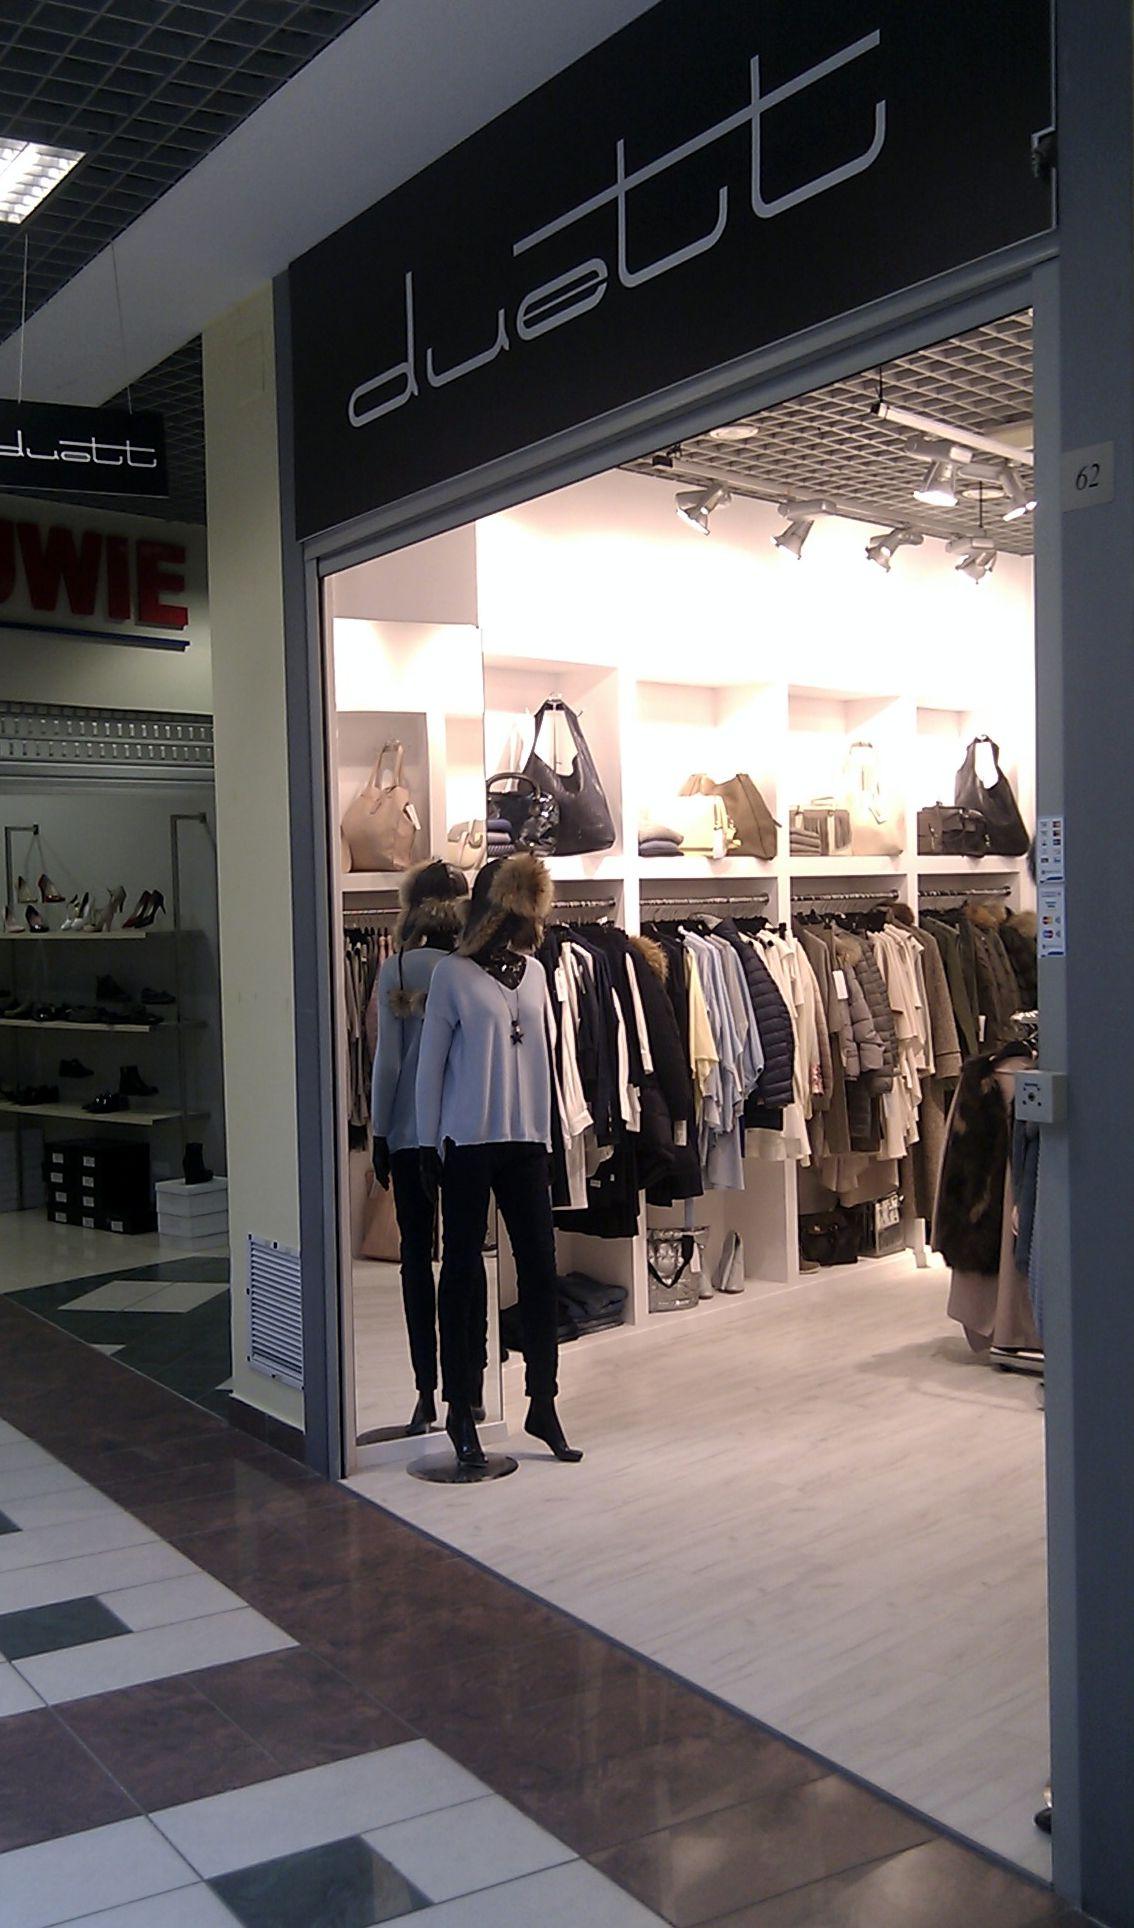 52af7a259bbb Duett Galeria Ursynów Butik z Odzieżą, UrsynówAZ.pl , Firma